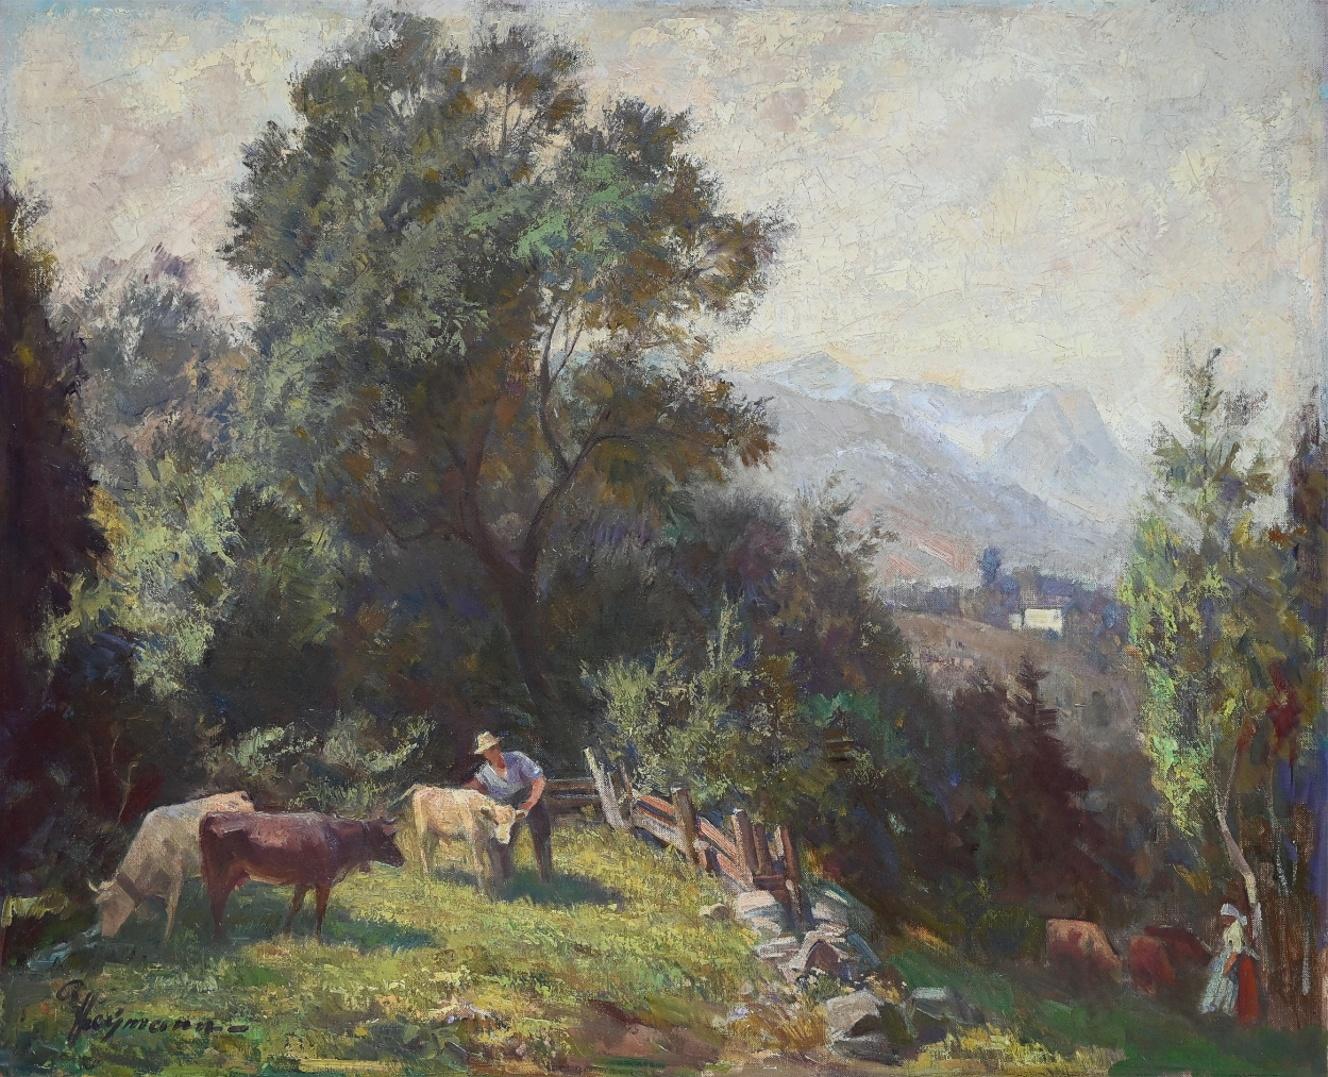 Richard Heymann (1900 - 1973) » Öl-Gemälde Impressionismus Bauern Kühe Alpen Süddeutsche Malerei